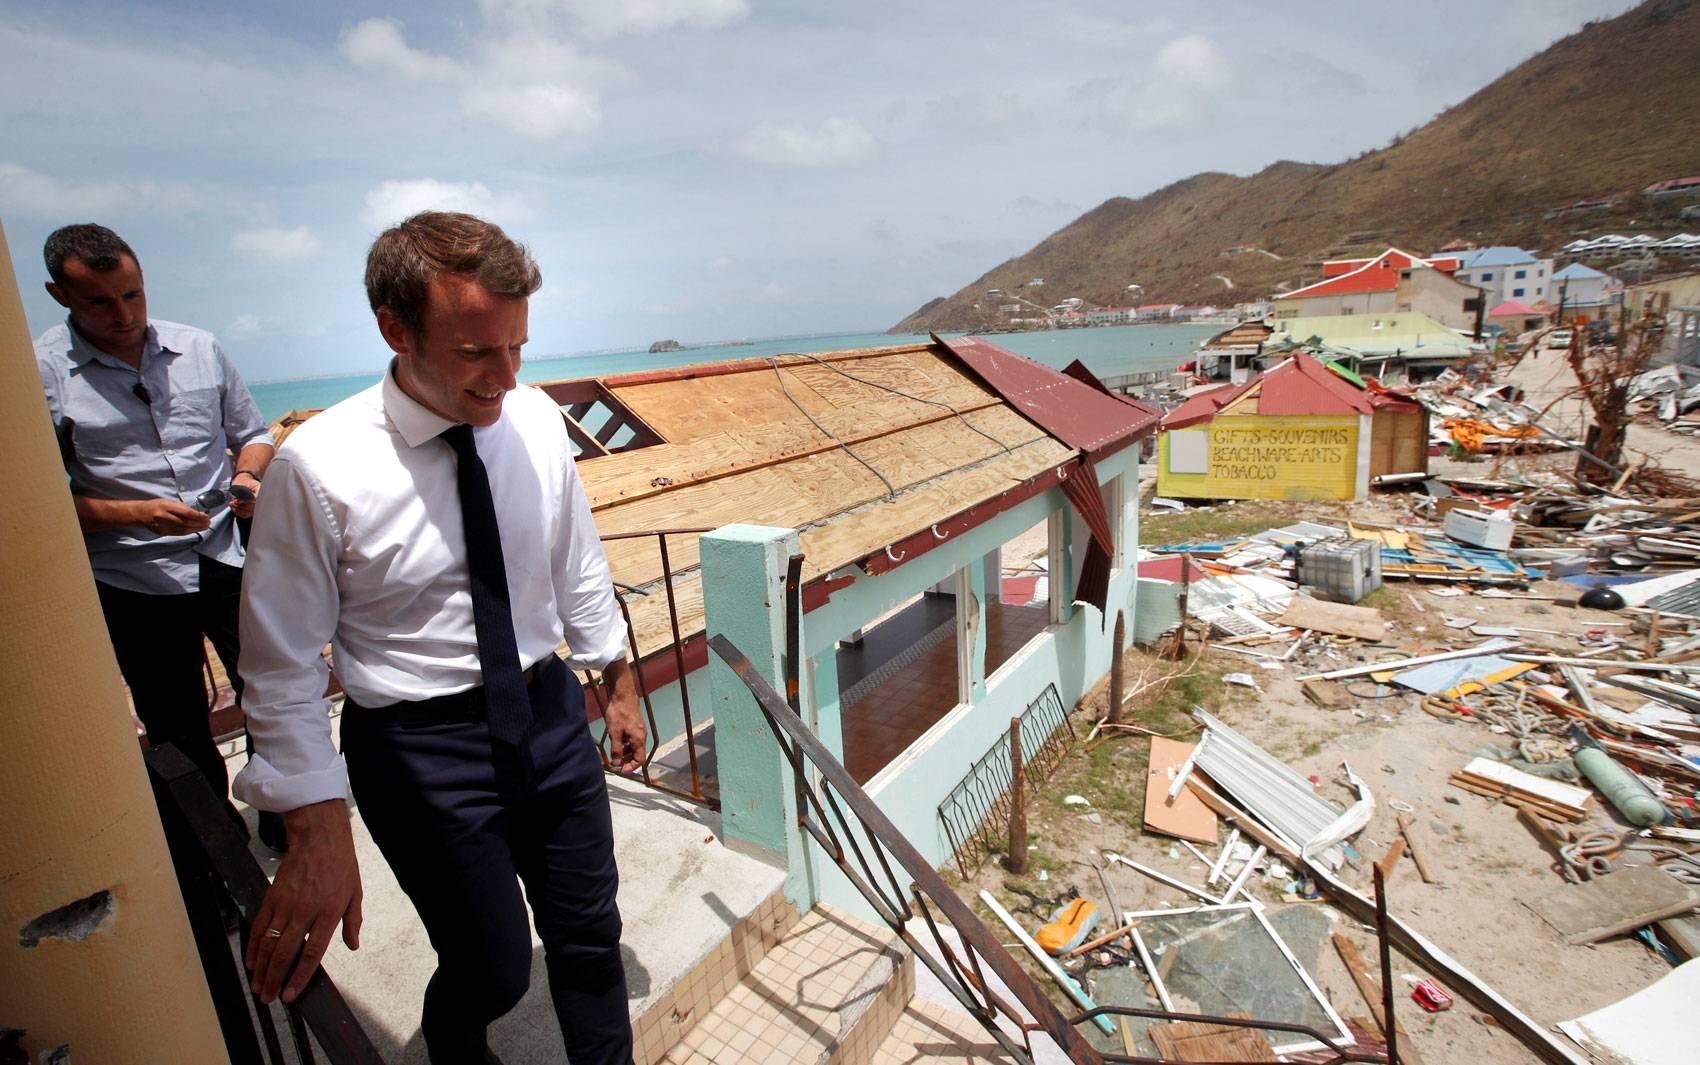 O presidente francês Emmanuel Macron passa por prédios destruídos pela passagem do furacão Irma na ilha francesa de St. Martin, no Caribe, durante visita na terça-feira (12)